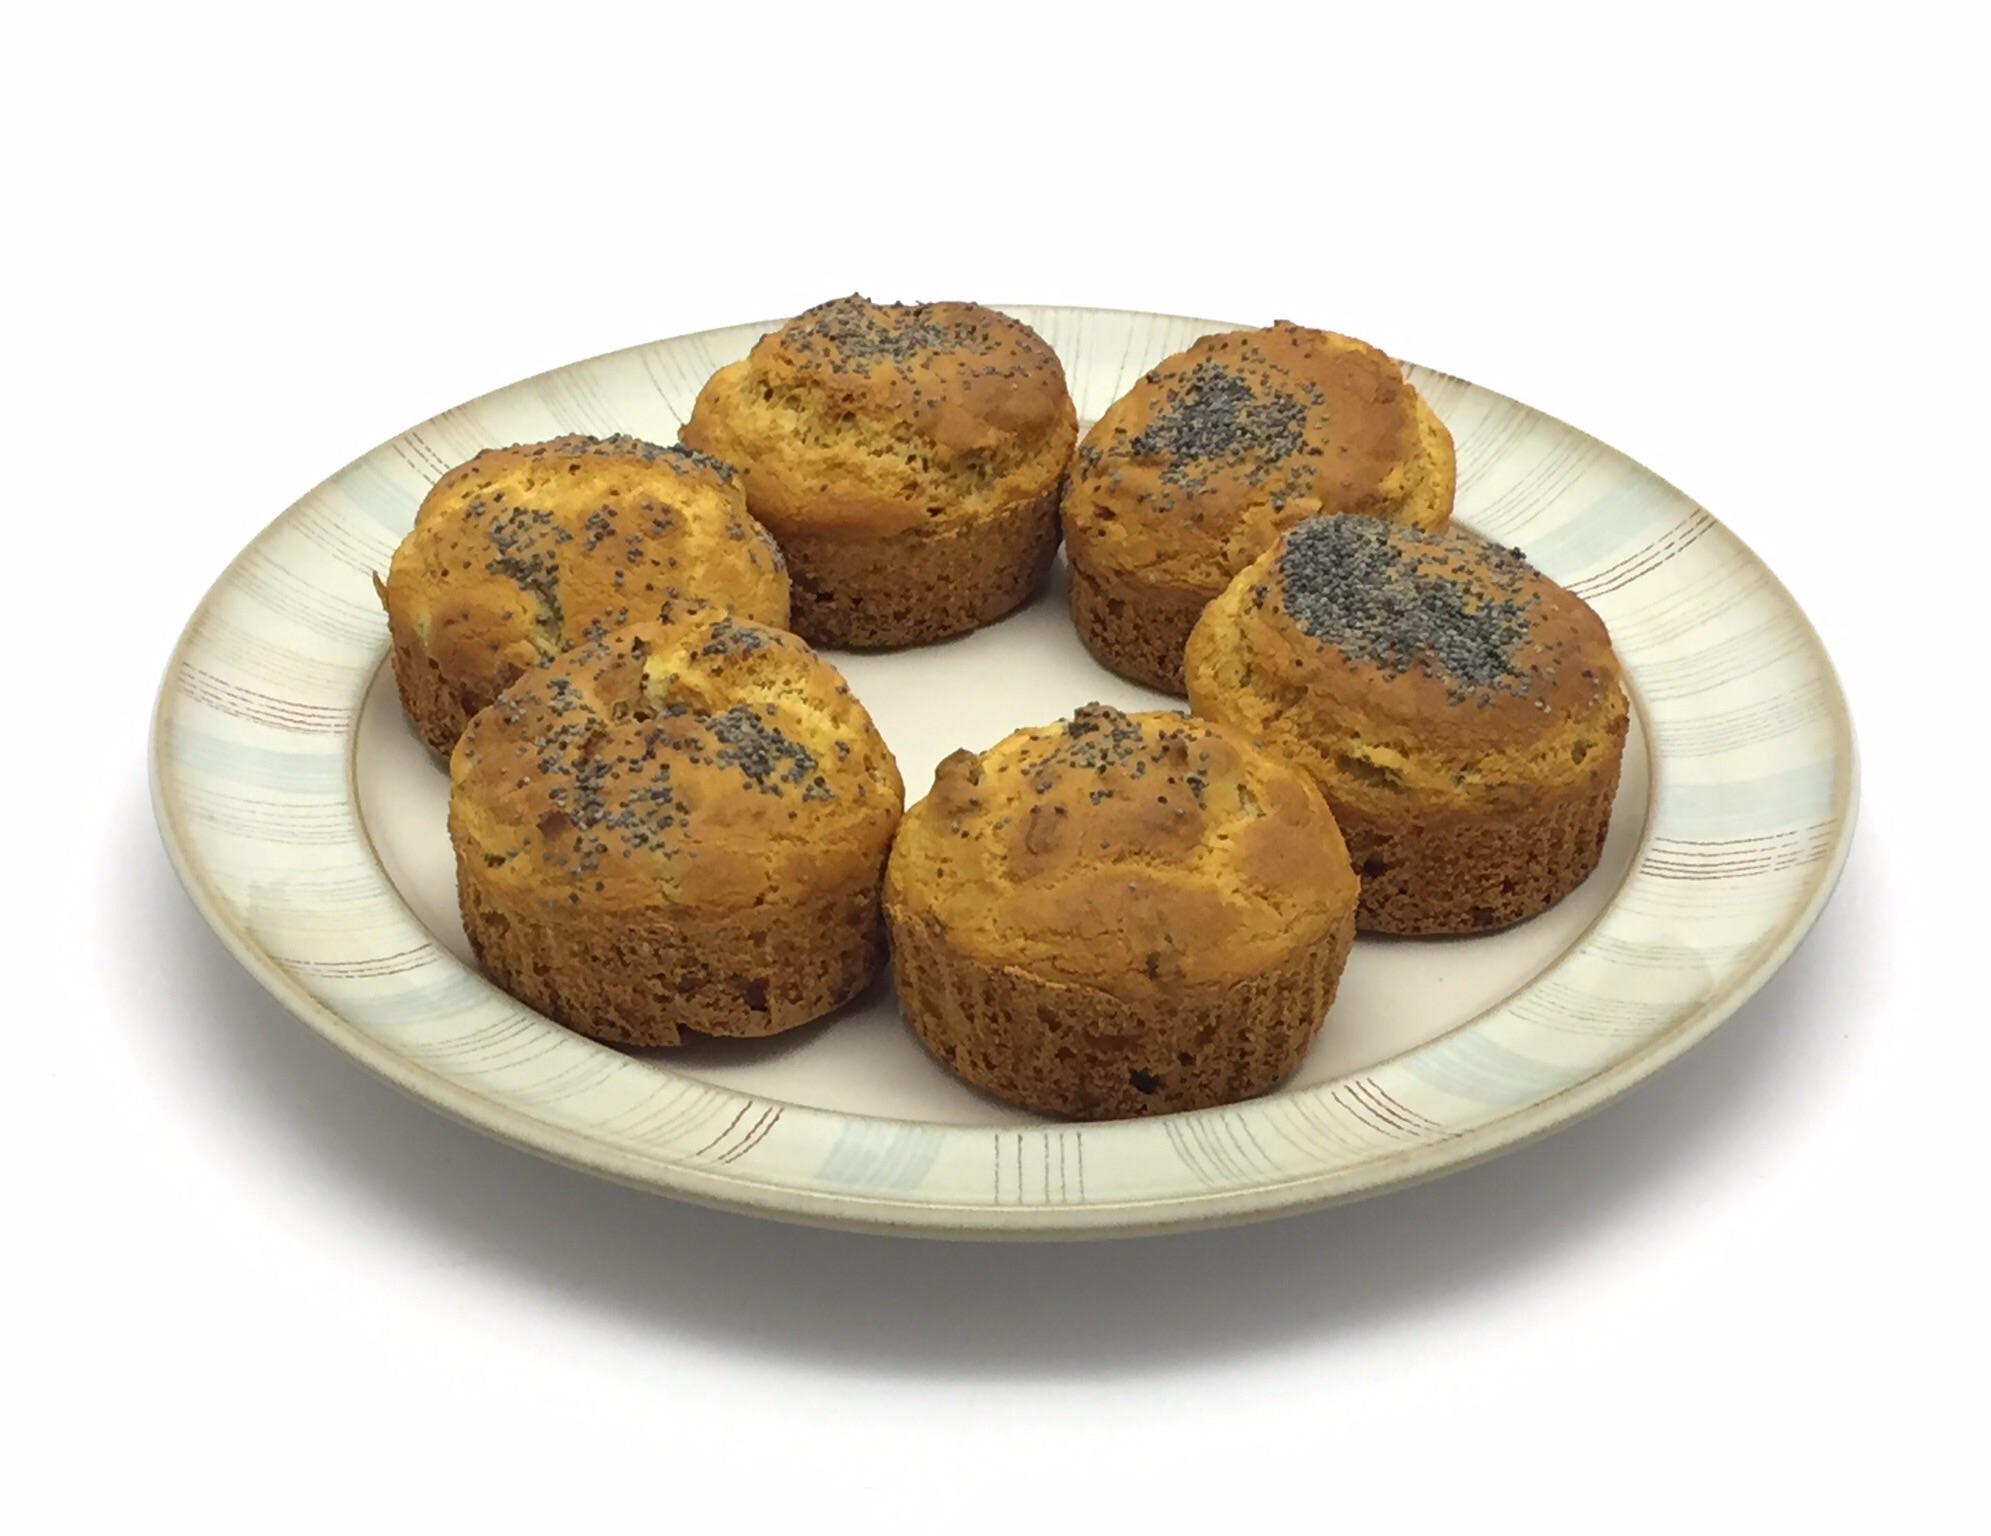 03 luglio 2015  - Muffin senza glutine con pomodori secchi e olive